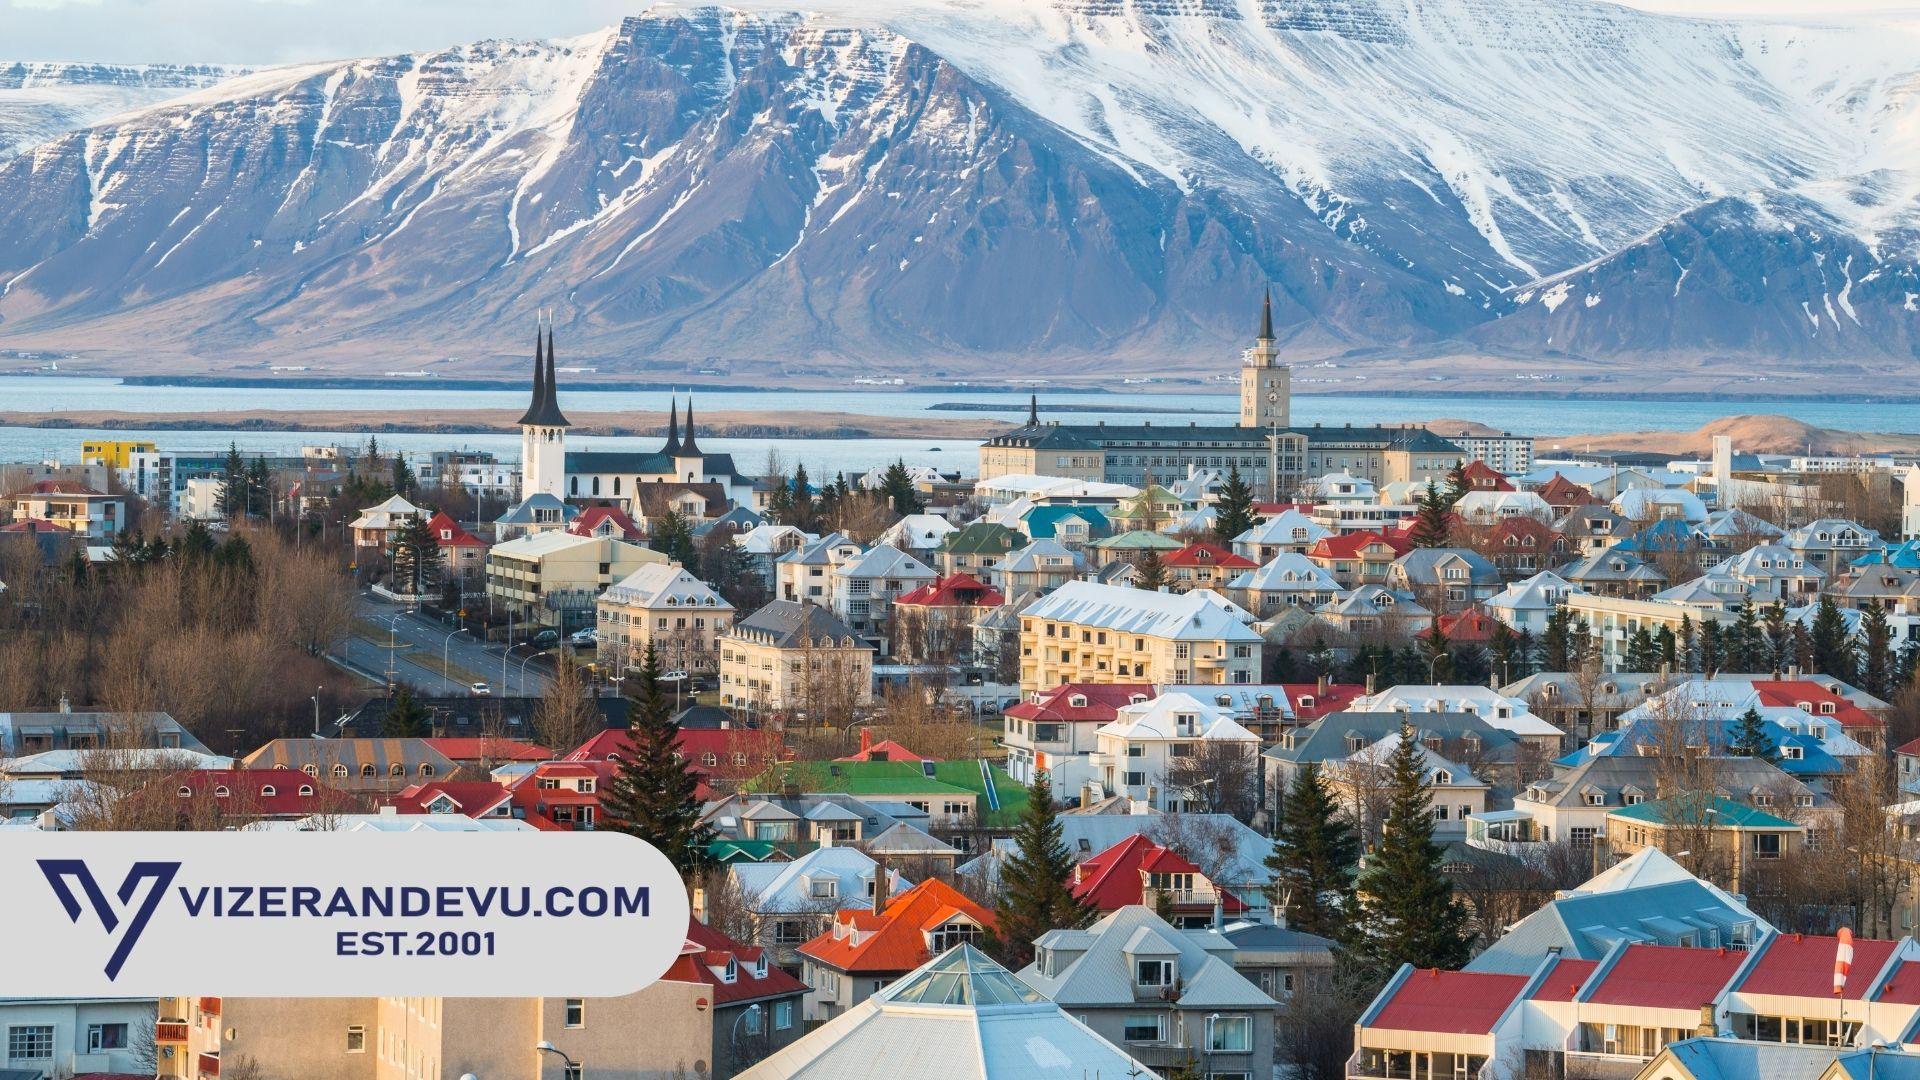 İzlanda Vizesi: Randevu ve Başvuru (2021)